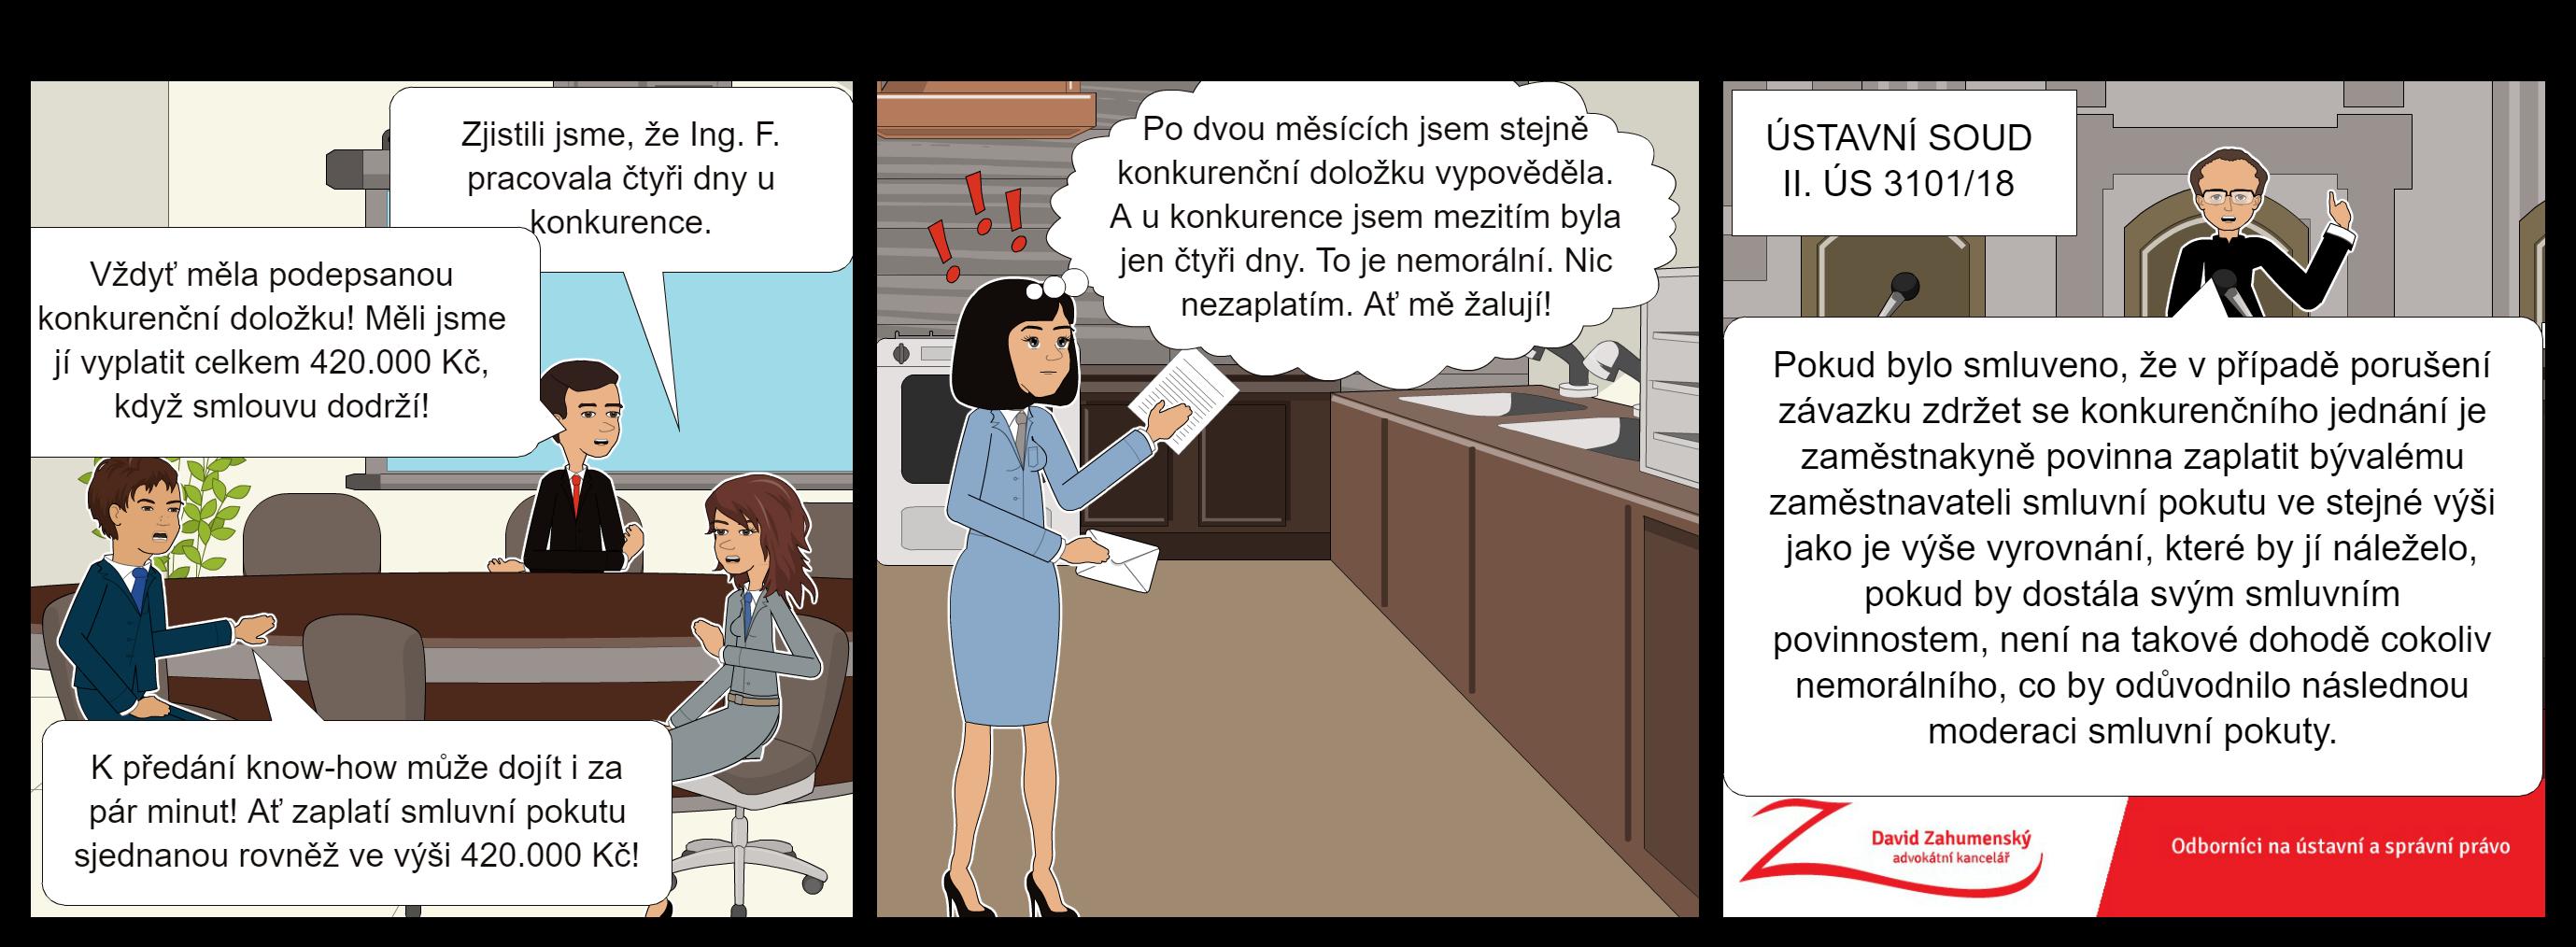 nález Ústavního soudu sp. zn. II. ÚS 3101/18